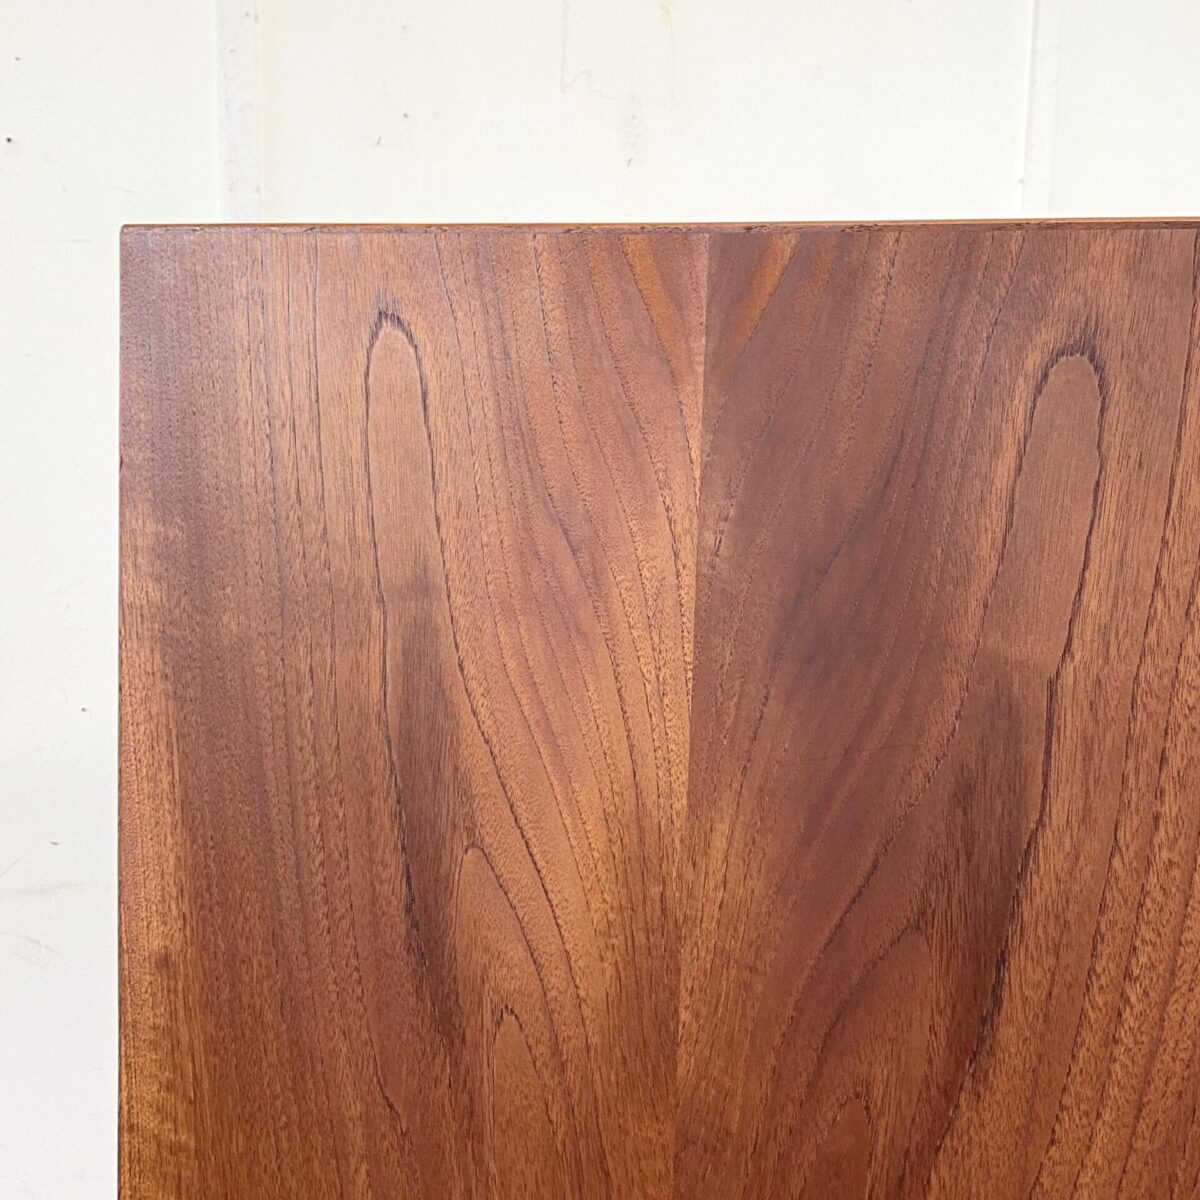 Deuxieme.shop dänischer Teak Tisch. Midcentury Teak Schreibtisch von Hamersøn, 60er Jahre made in Denmark. 135x65cm Höhe 75cm. Leichte Patina und schöner allgemein Zustand. Die Holzmaserung läuft über die ganzen Schubladen. Die Tischbeine sind demontierbar, die mittlere Schublade ist abschliessbar. Der Tisch ist auch auf der Rückseite schön verarbeitet, und kann frei im Raum aufgestellt werden.